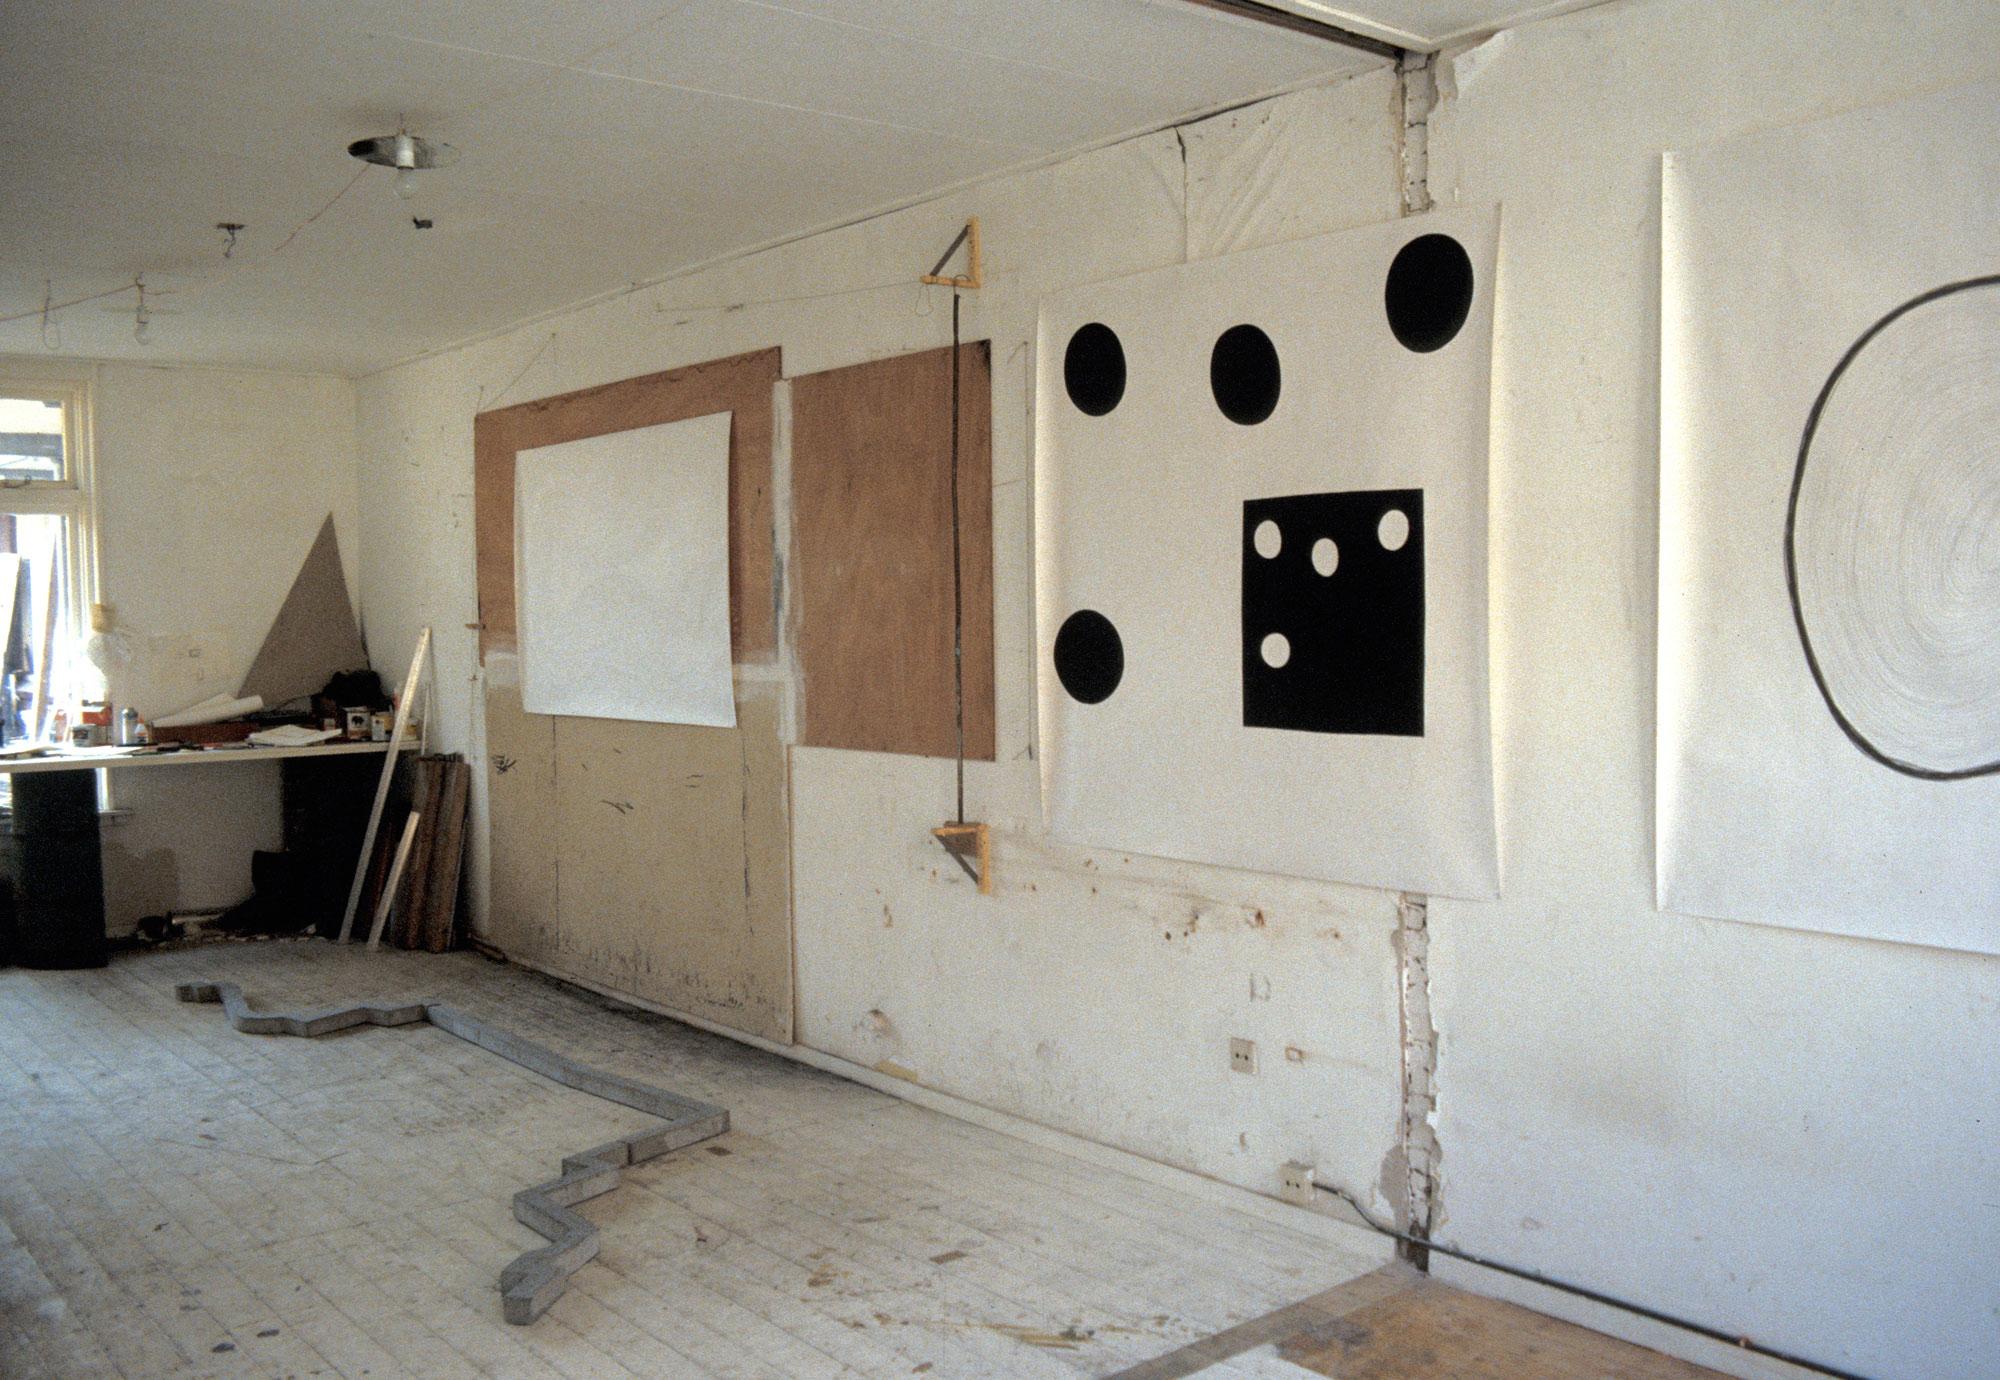 Maarten Greve studio with drawings, Groningen